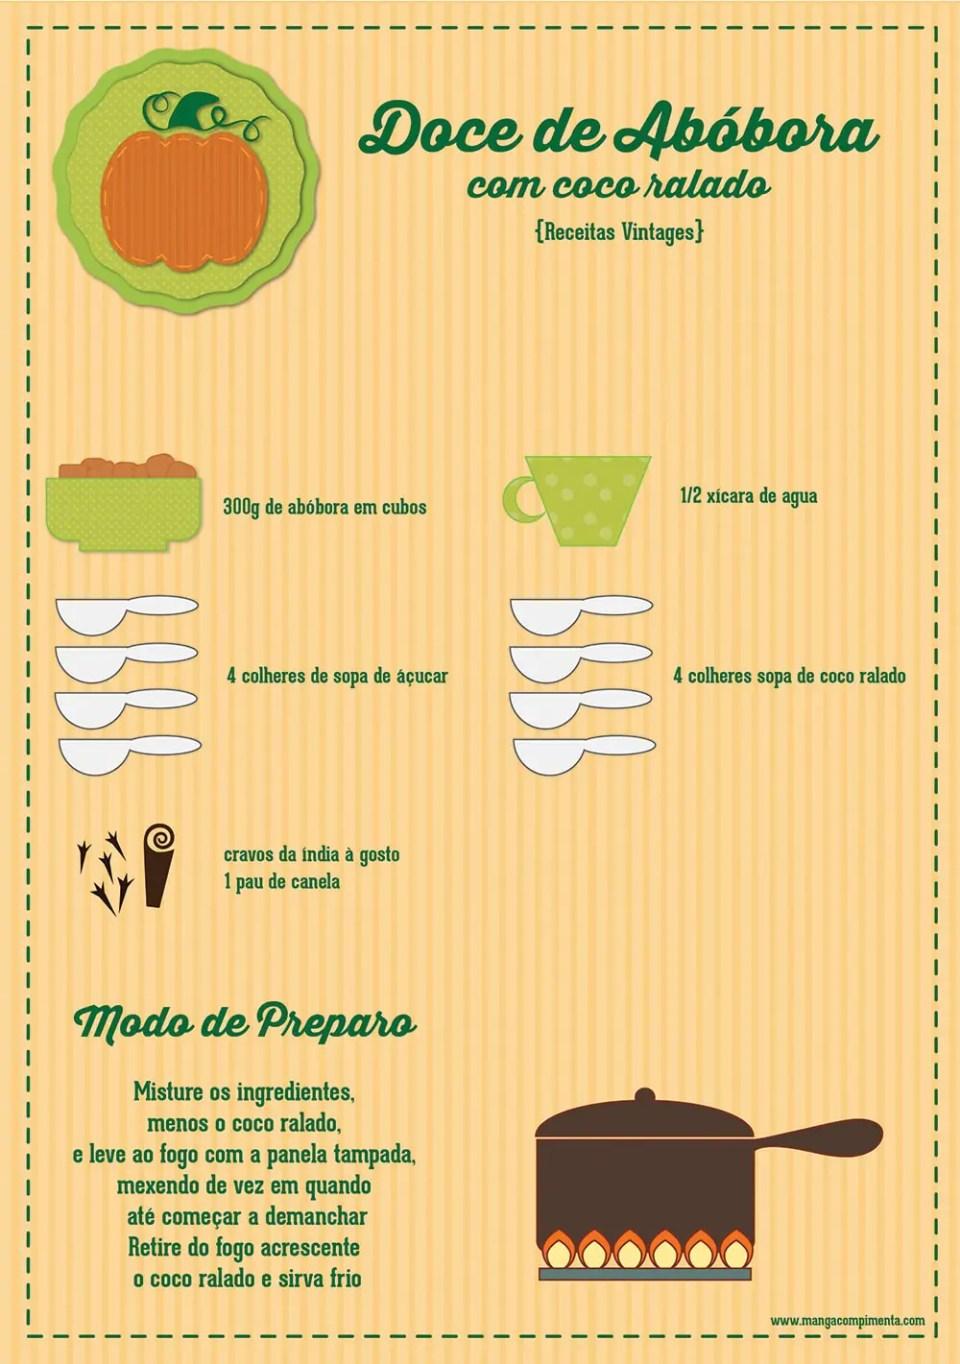 Doce de Abóbora com coco ralado {Receitas Vintage}